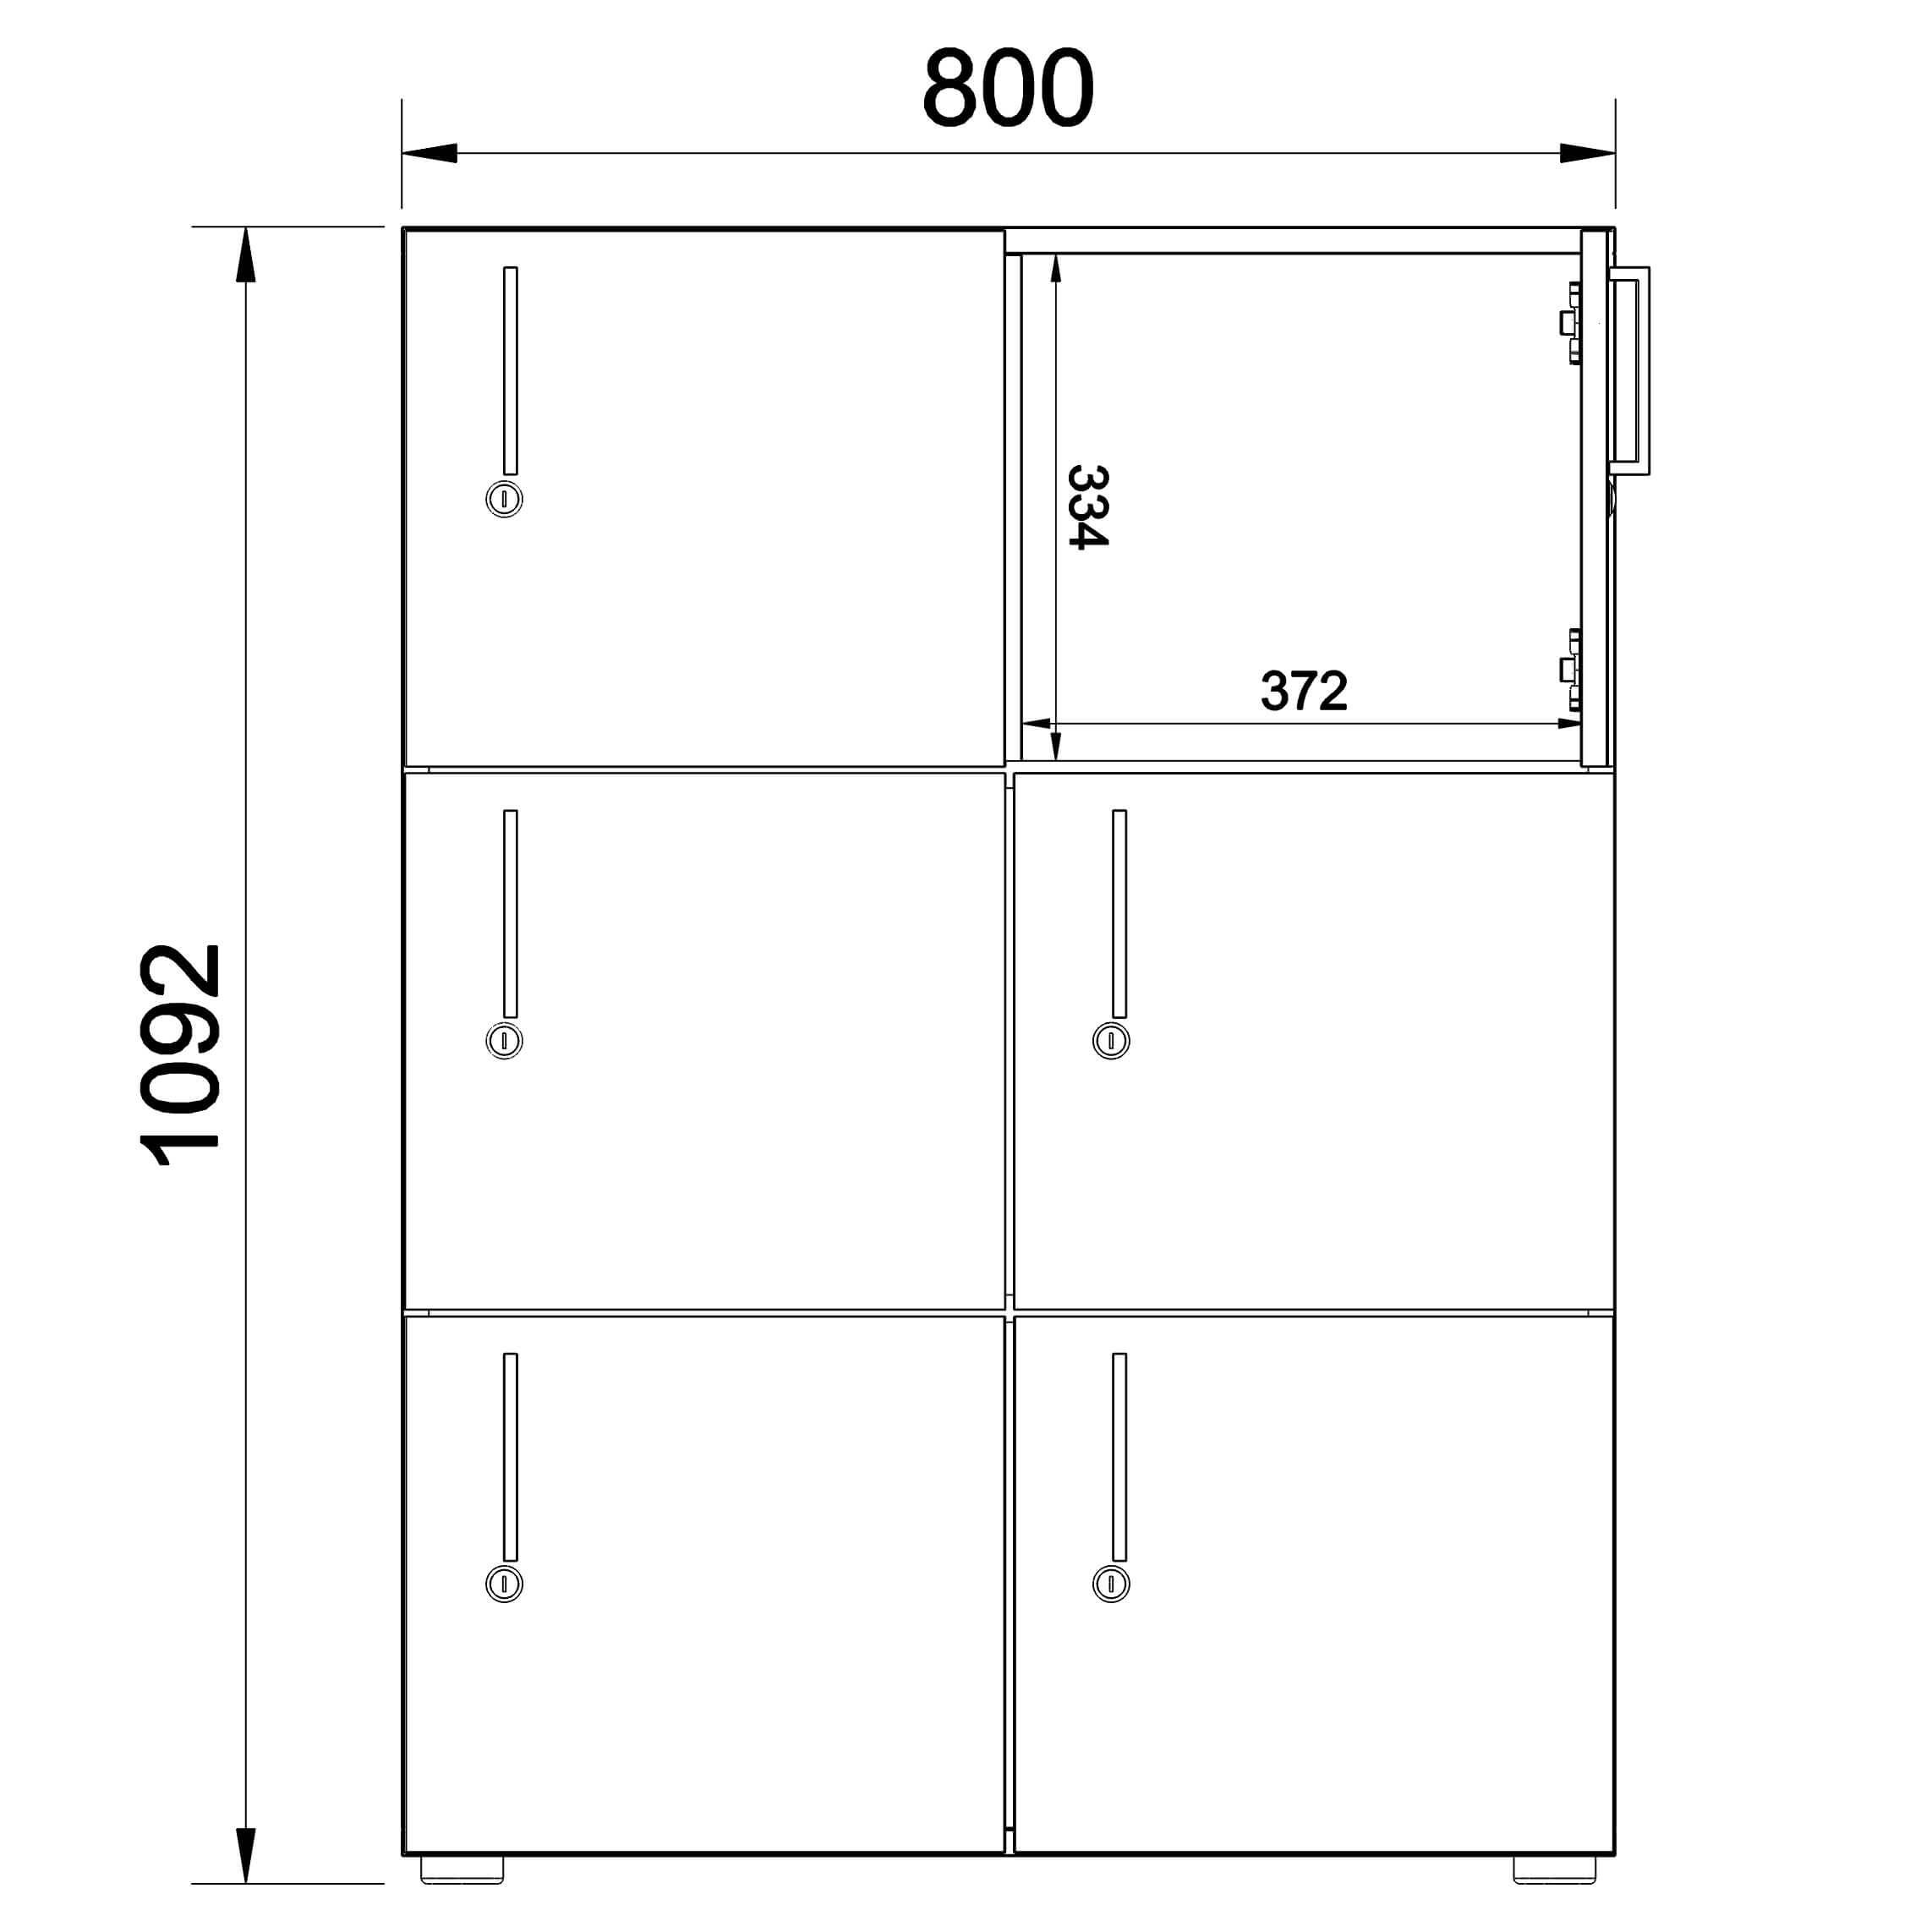 Spind | Schließfach NOVA mit 6 Schließfächern in Anthrazit/Weiß, Schrank